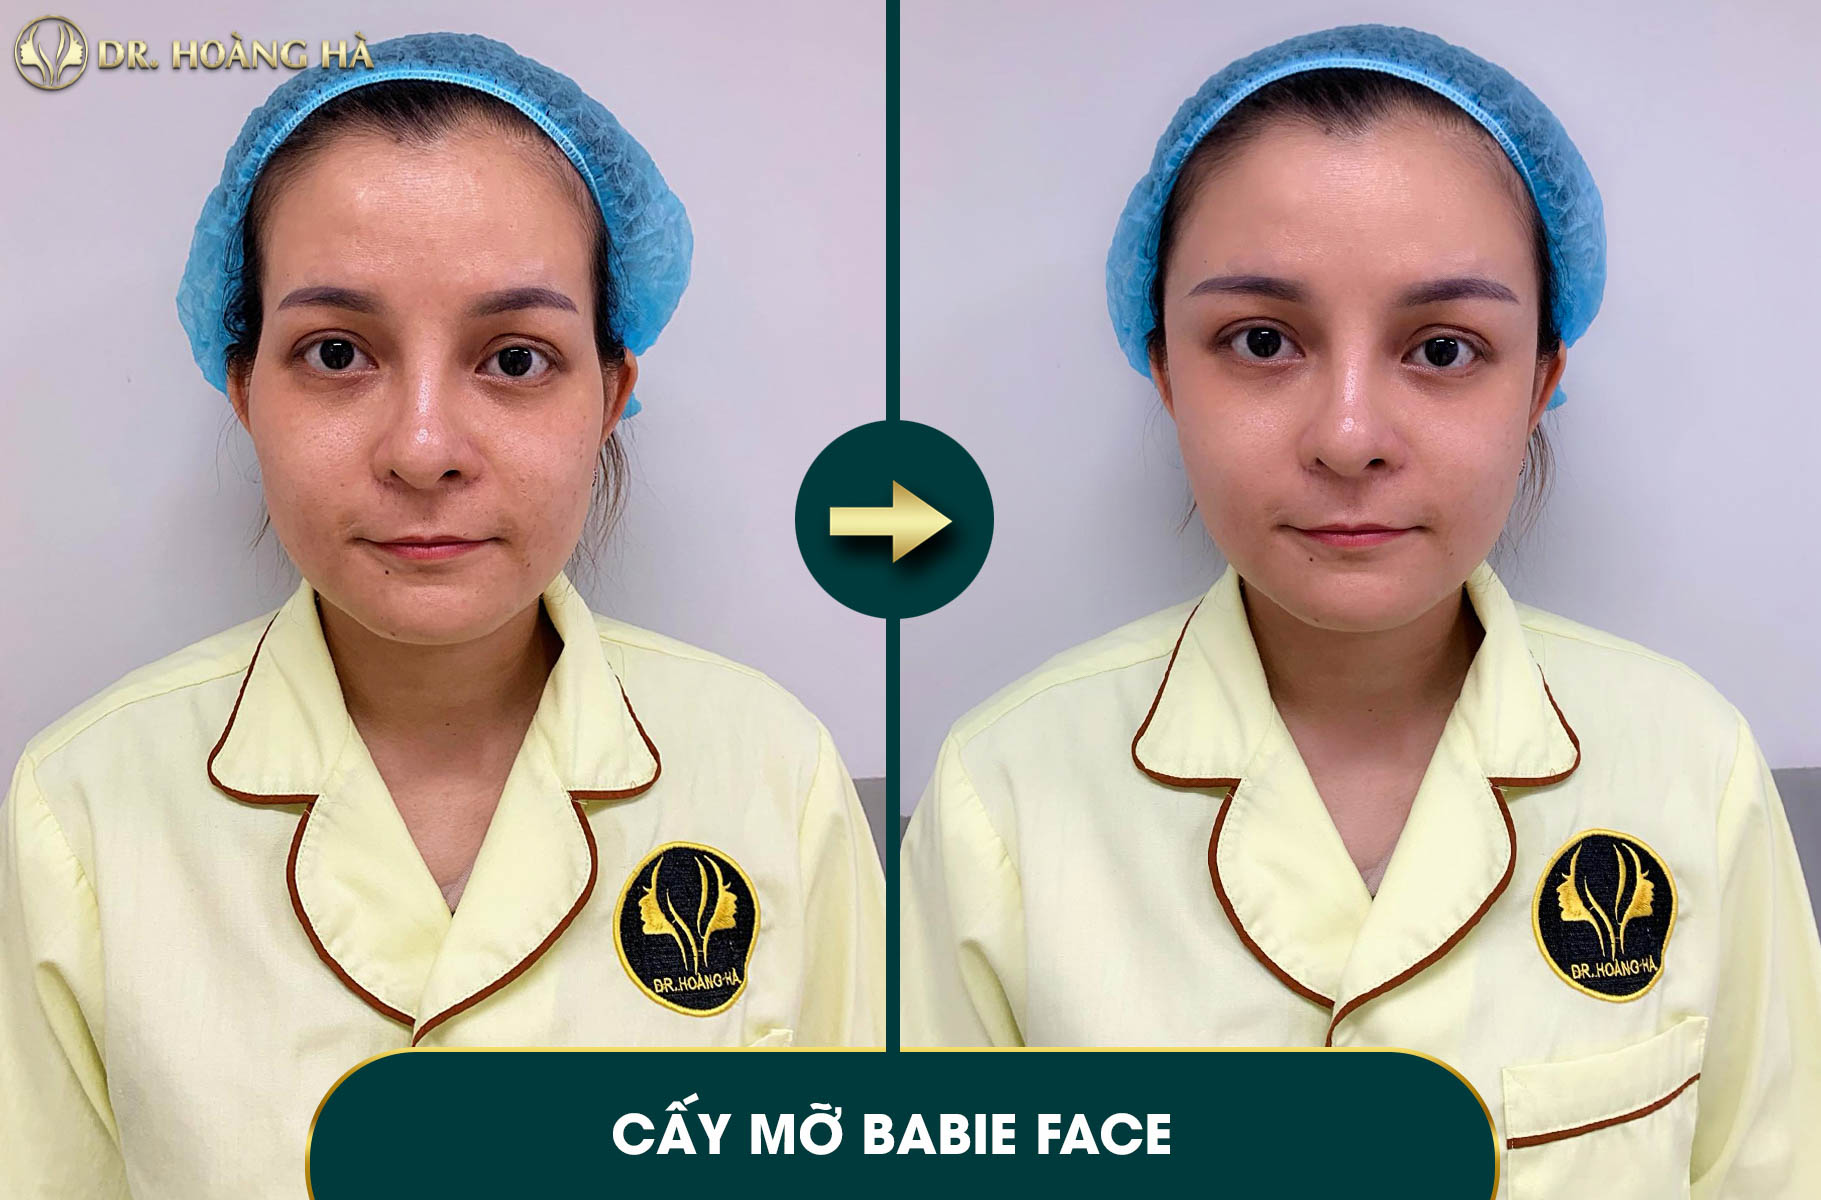 Khách hàng sau khi Cấy mỡ Babie Face